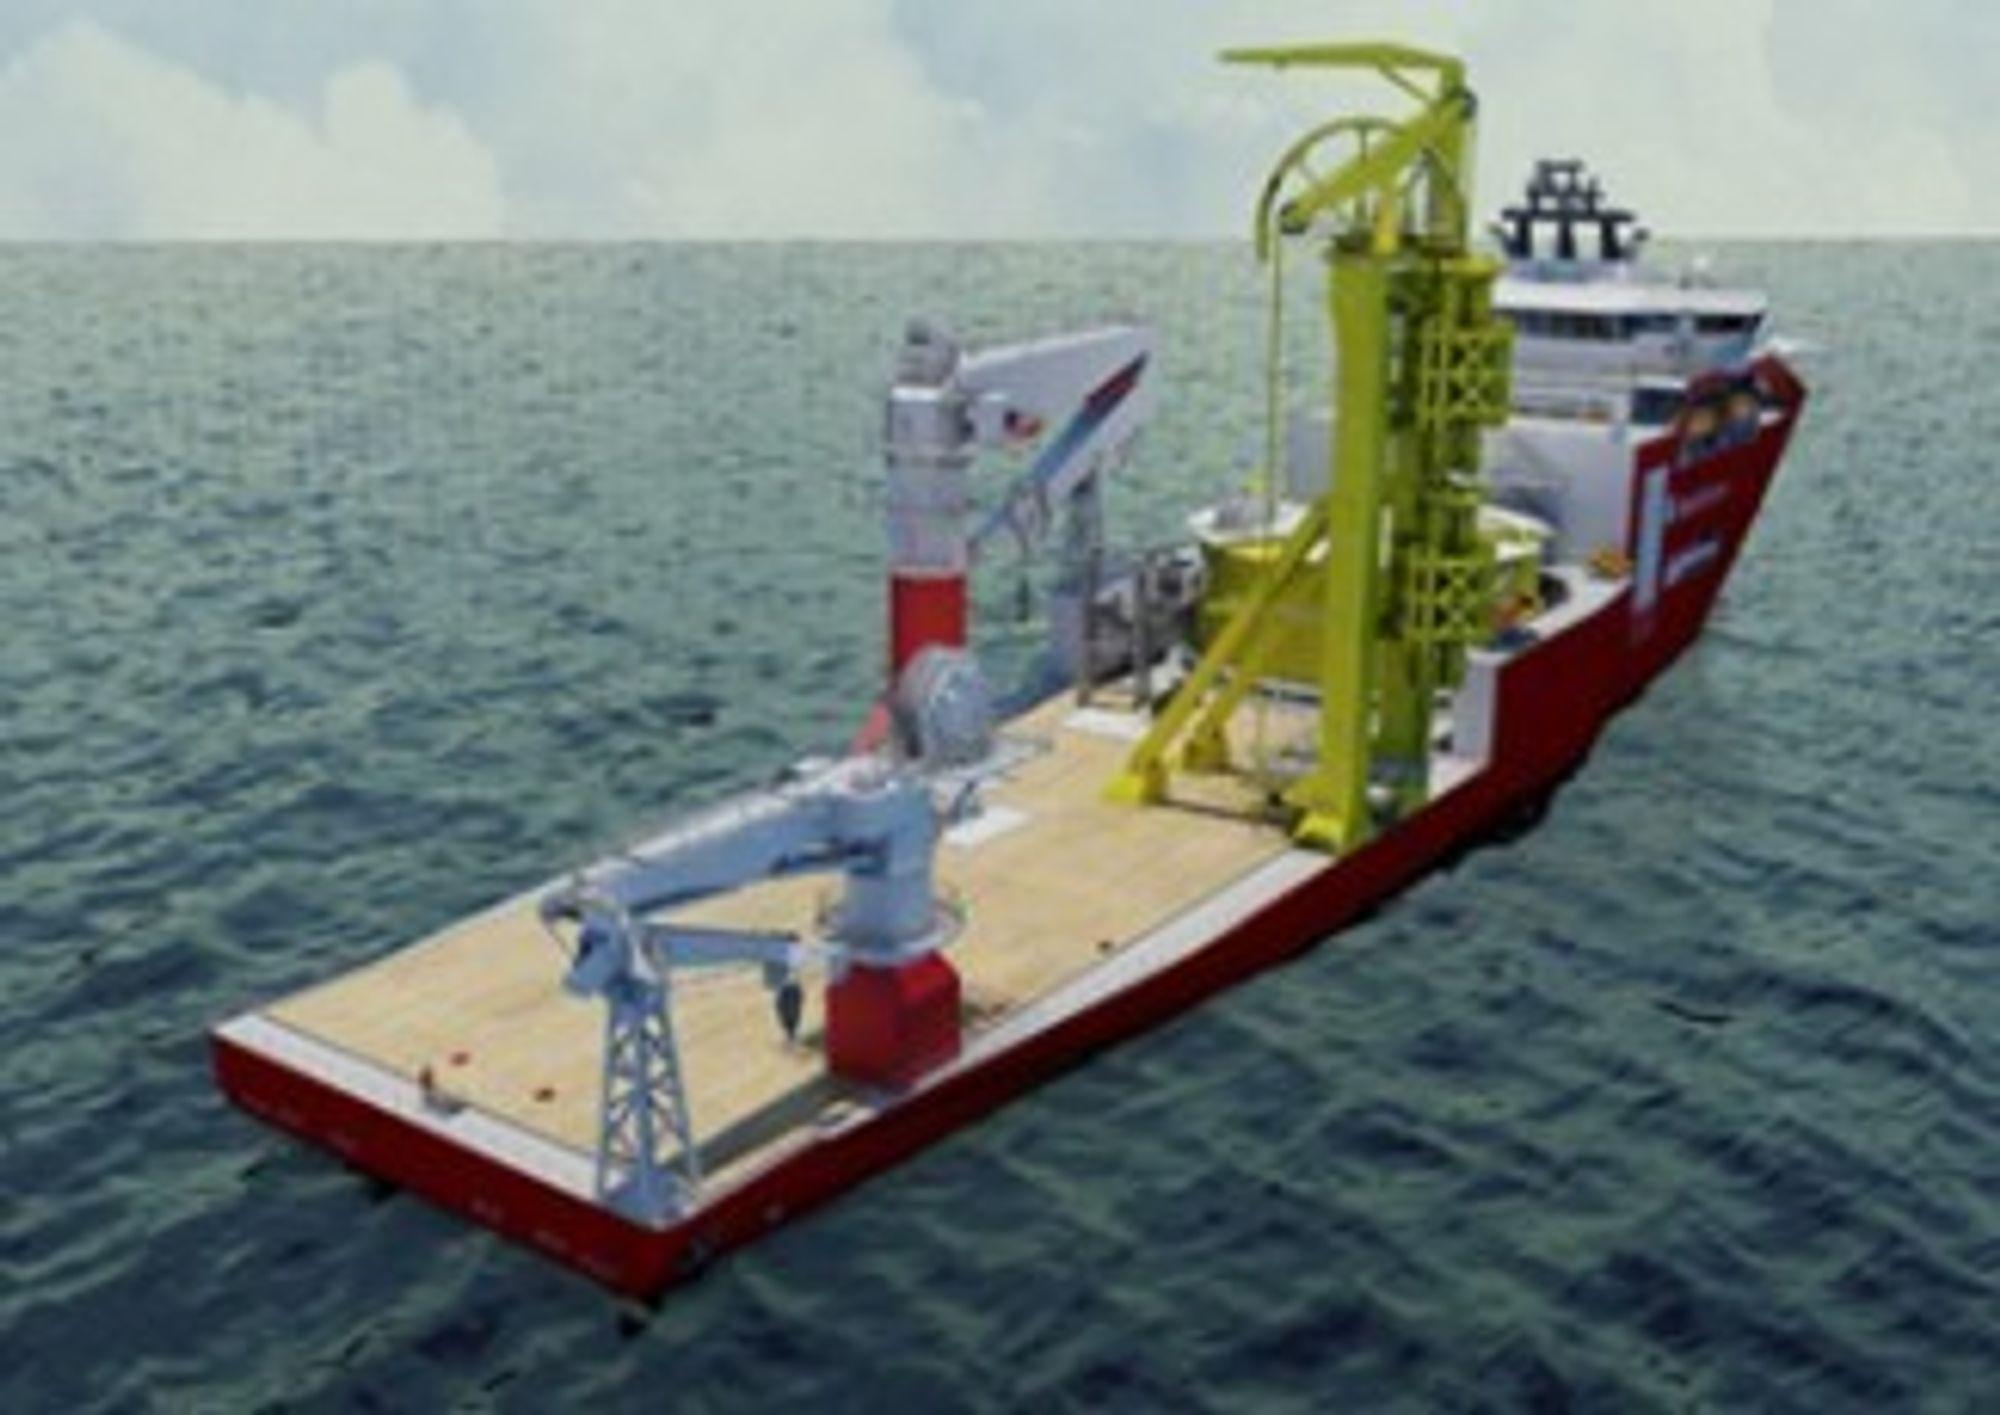 FLEKSIBEL: Aker Connector får dekksplass med kapasitet på 9000 tonn og utstyr som kan tas av dersom skipet skal brukes til noe annet enn  kabel- eller umbilicalutlegging.